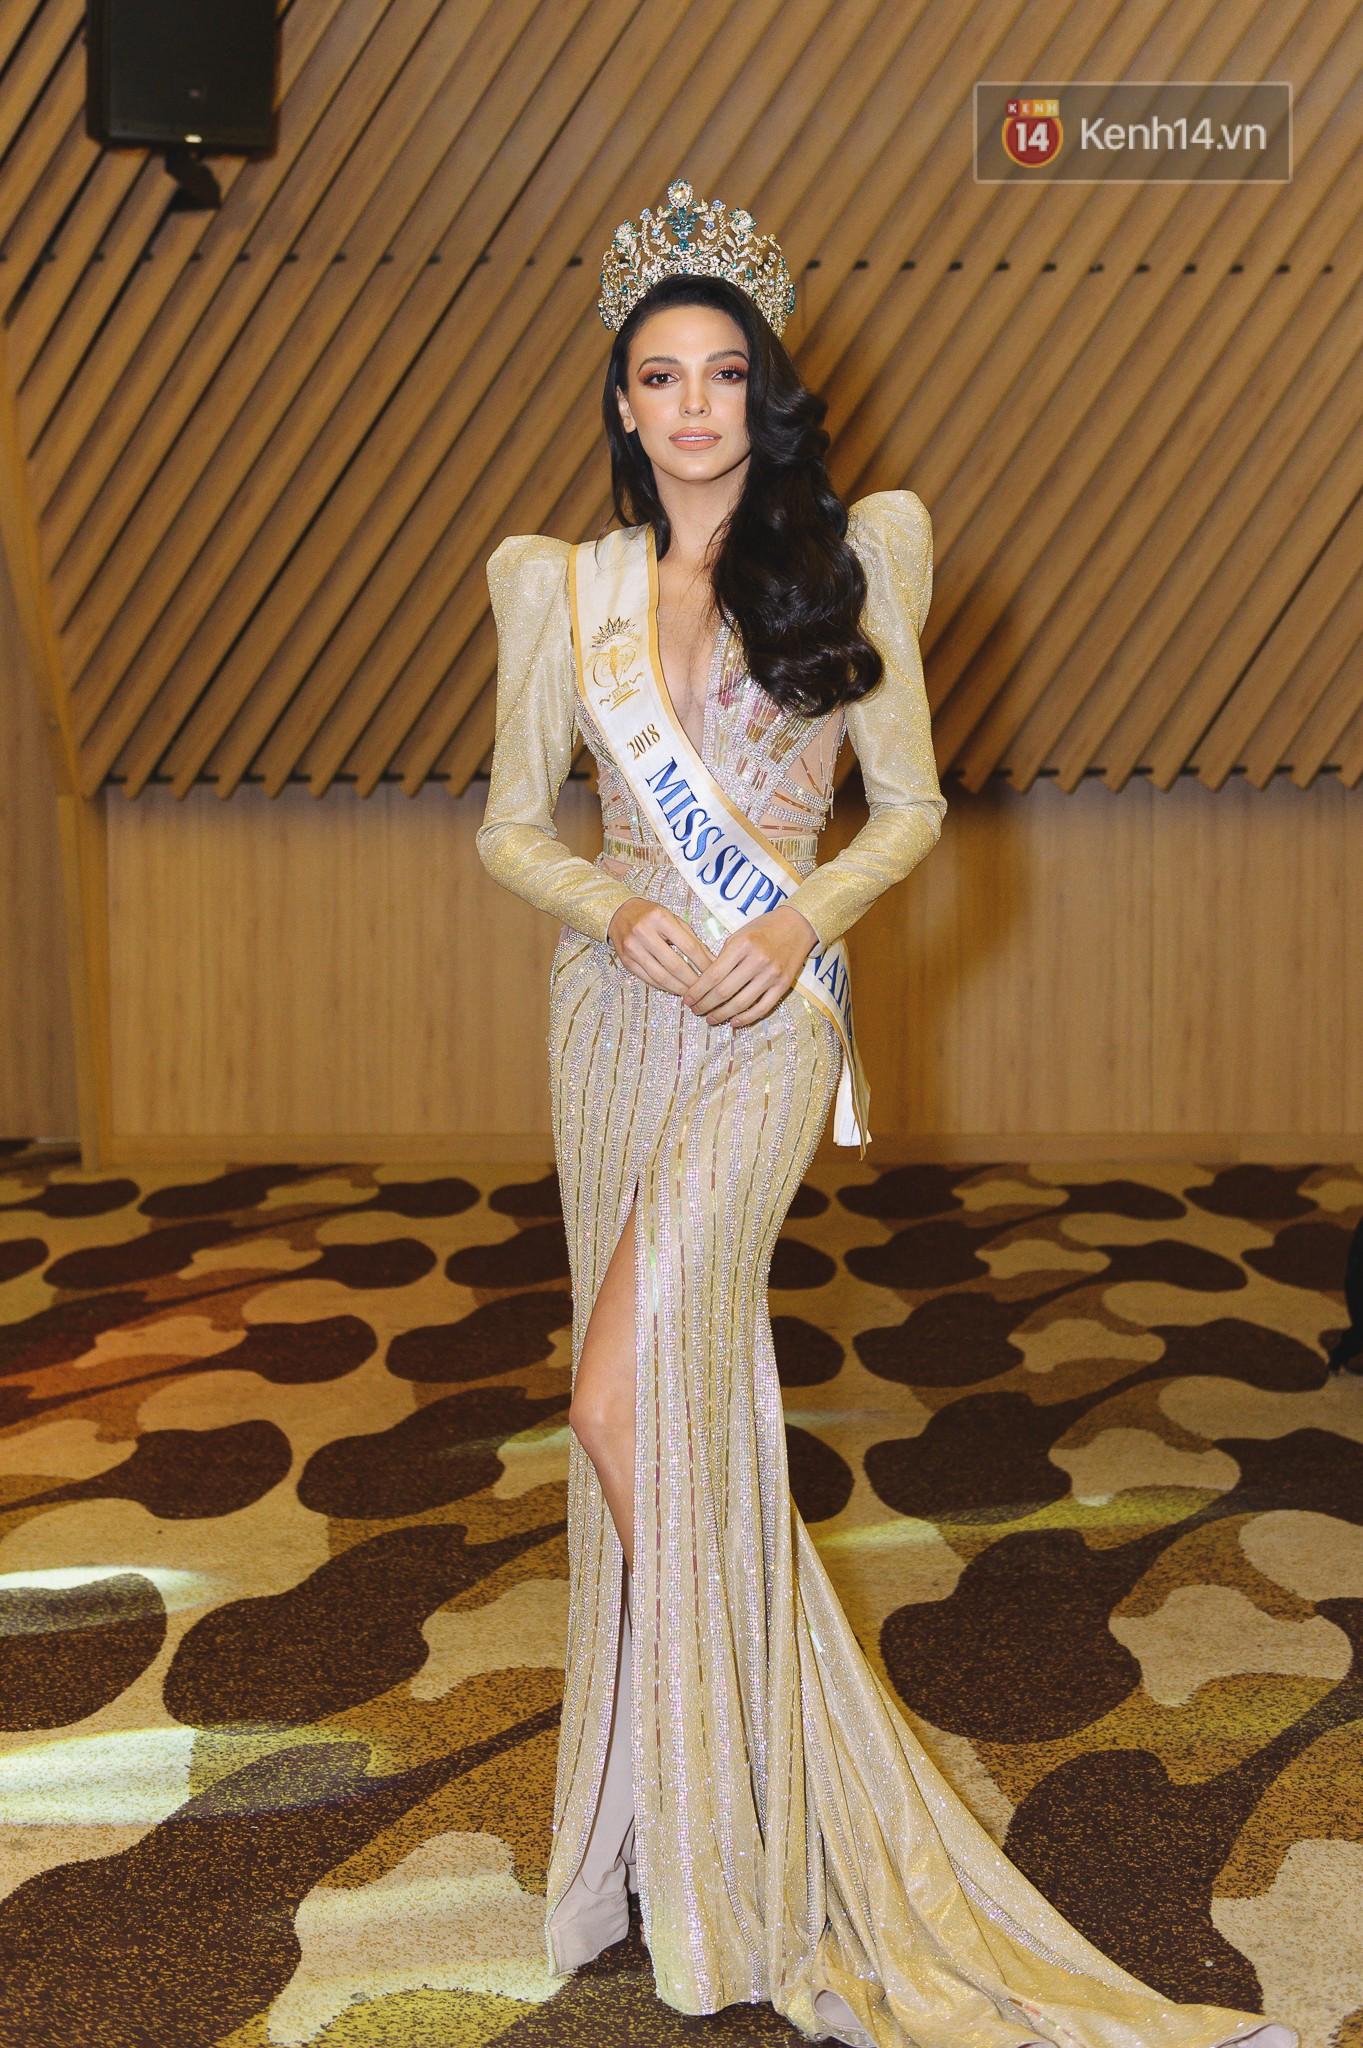 Tân Hoa hậu Siêu quốc gia 2018 phản ứng bất ngờ về loạt scandal của Minh Tú tại Miss Supranational 2018 - Ảnh 4.